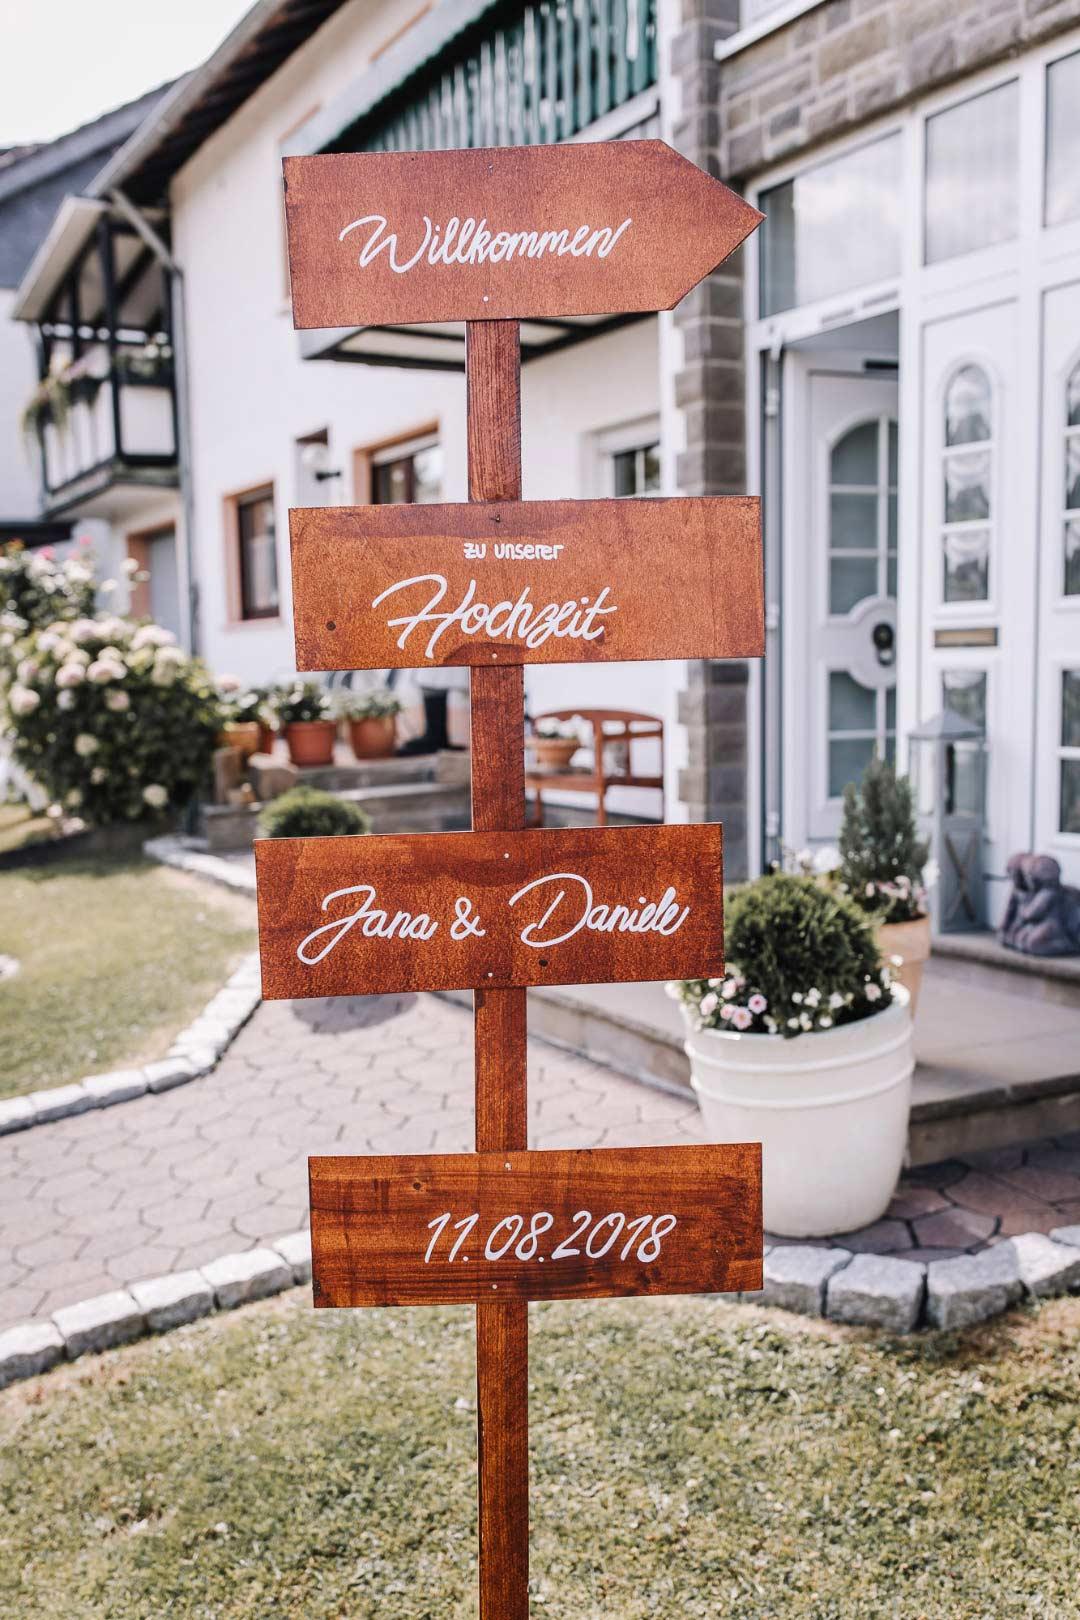 Ländliche Sommer-Hochzeit im rustikalen Stil: Holzschild als Wegweiser